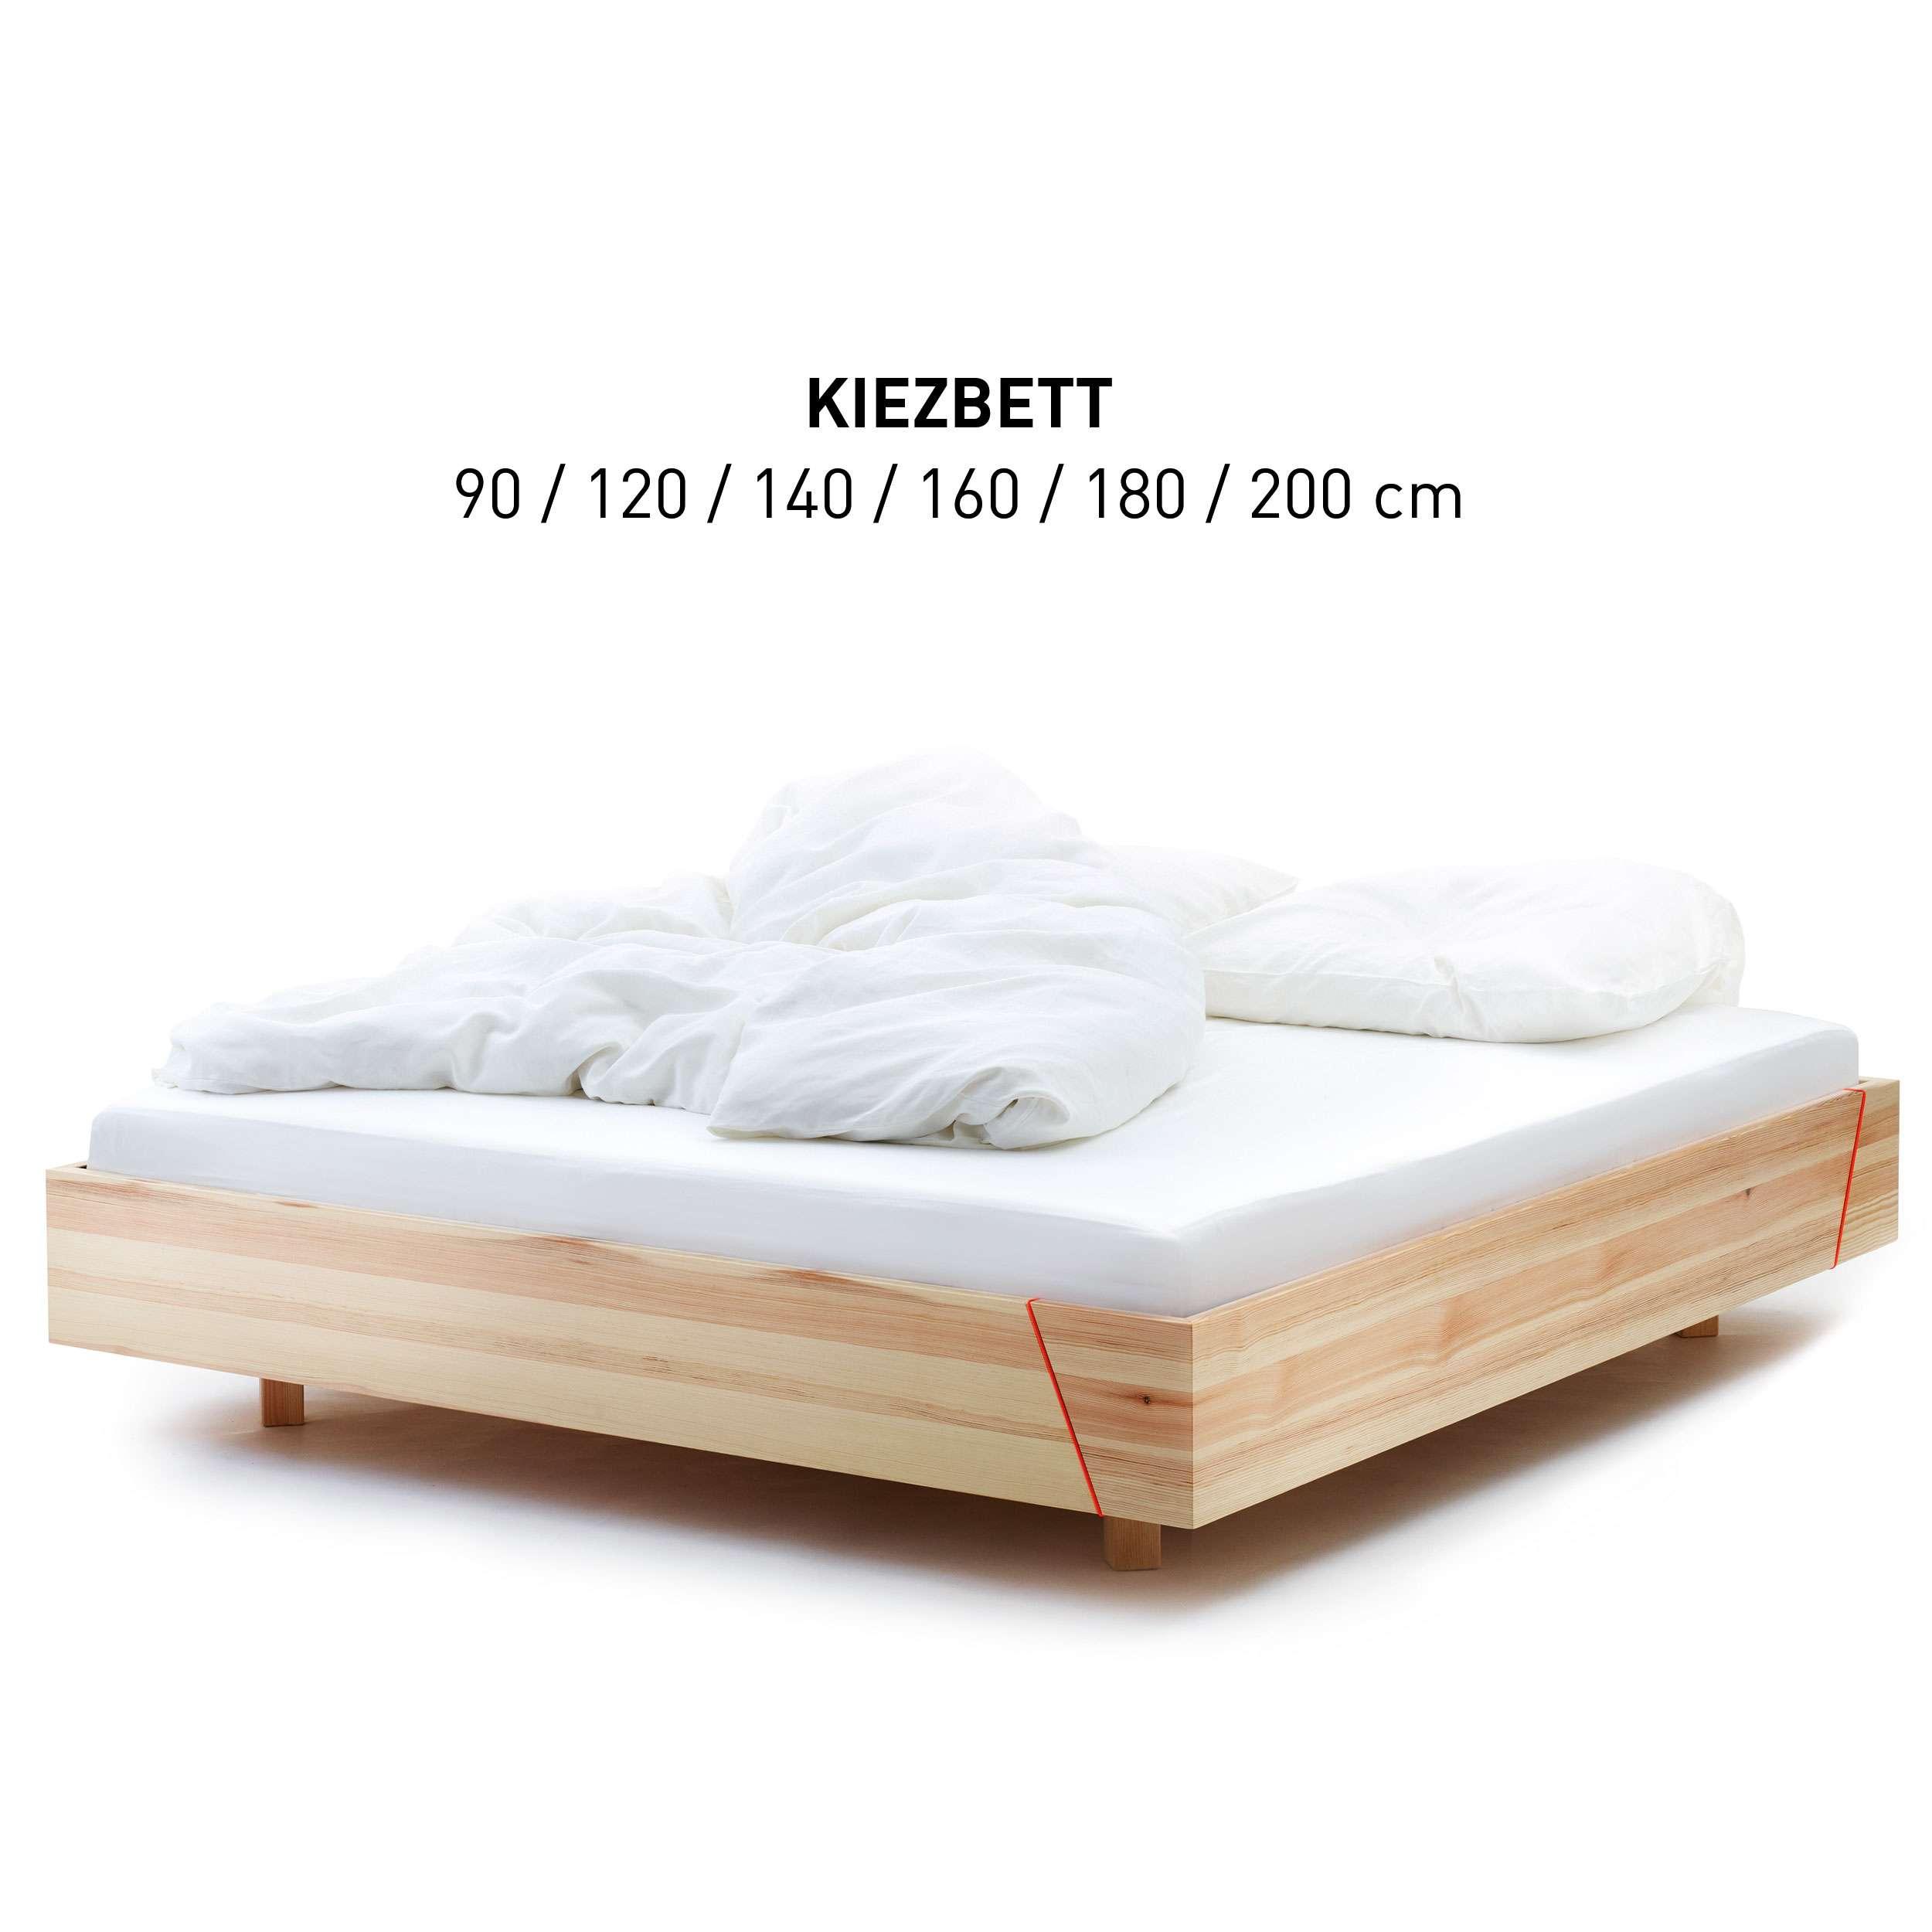 Full Size of Massivholzbett Kologisch Bett Massivholz Französische Betten Komforthöhe Bock Designer Schwarz Weiß Kopfteil Poco Regal 25 Cm Breit Kaufen Günstig Bett Bett 120 Cm Breit